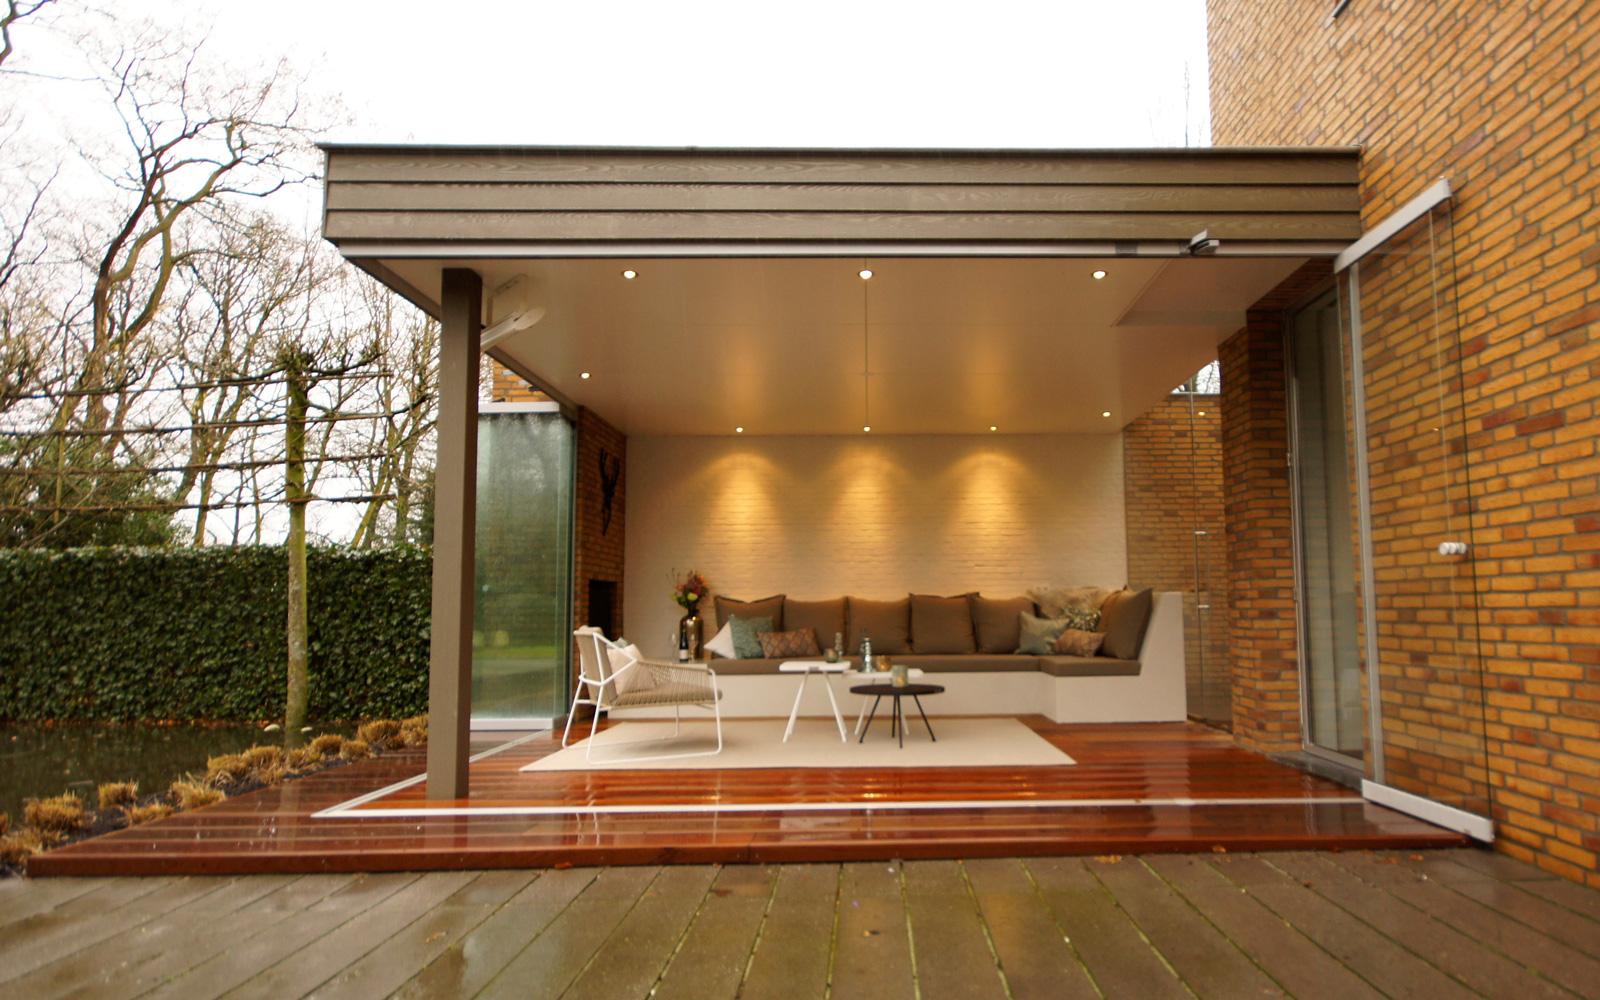 Exclusief wonen, The art of living, Langens & Langens Interieur en Exterieur, Serre, Design interieur, Glaswerk